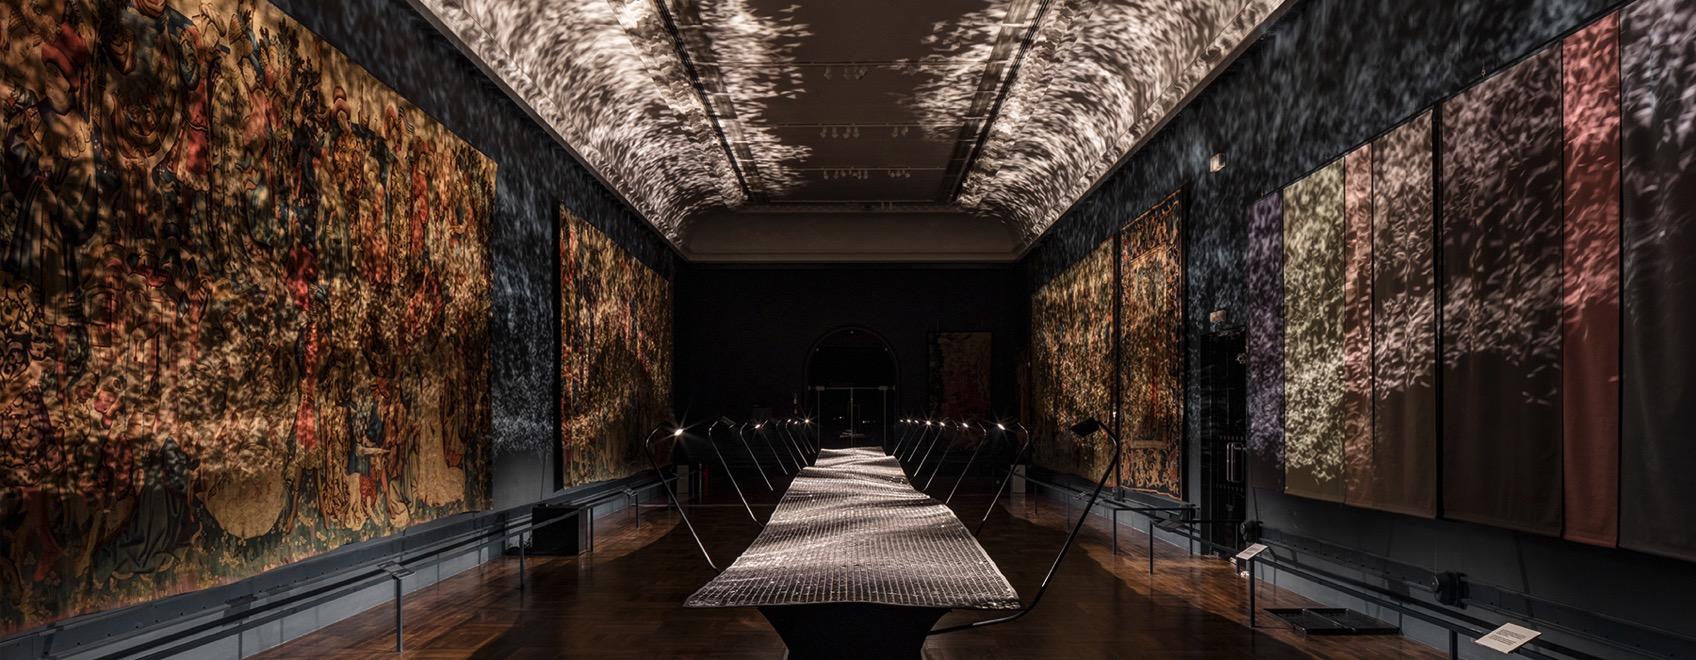 Benjamin hubert braun foil london design festival designboom1800